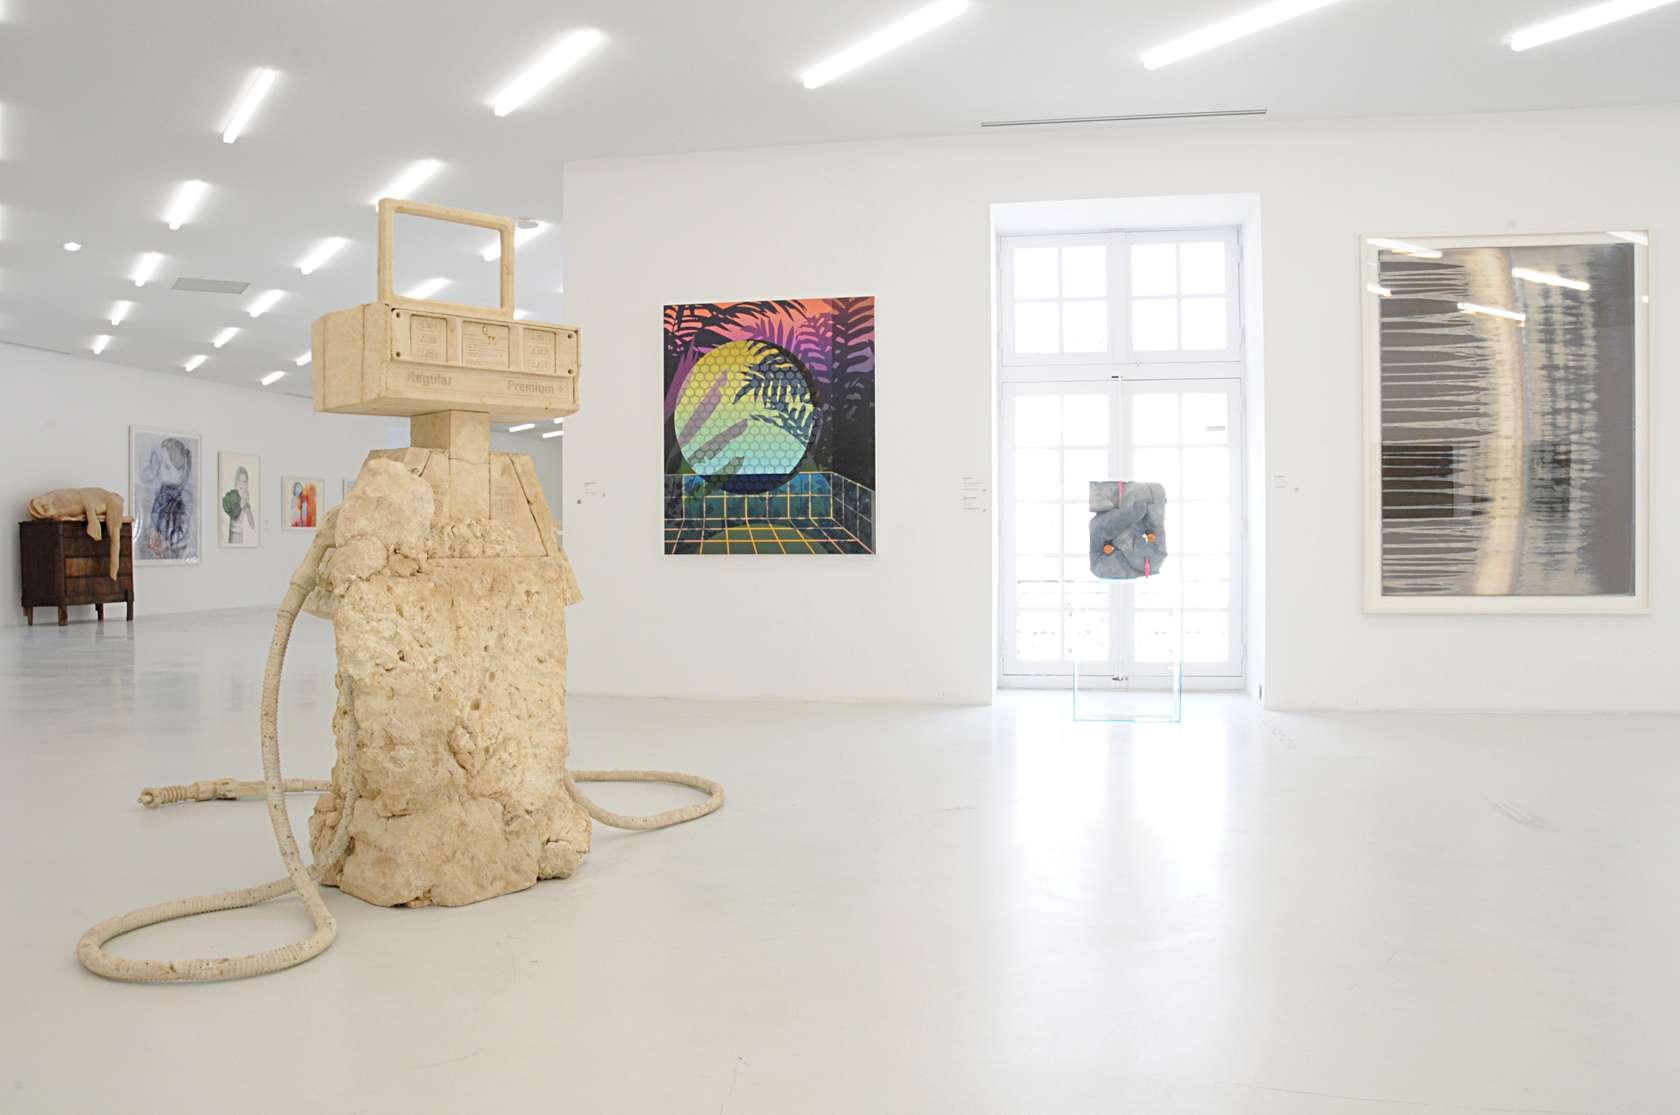 Amélie Bertrand & Françoise Pétrovitch Collectionner au XXIe siècle, De leur temps (6) Collection Lambert, Avignon (FR) 14 décembre 2019 — 15 mars 2020